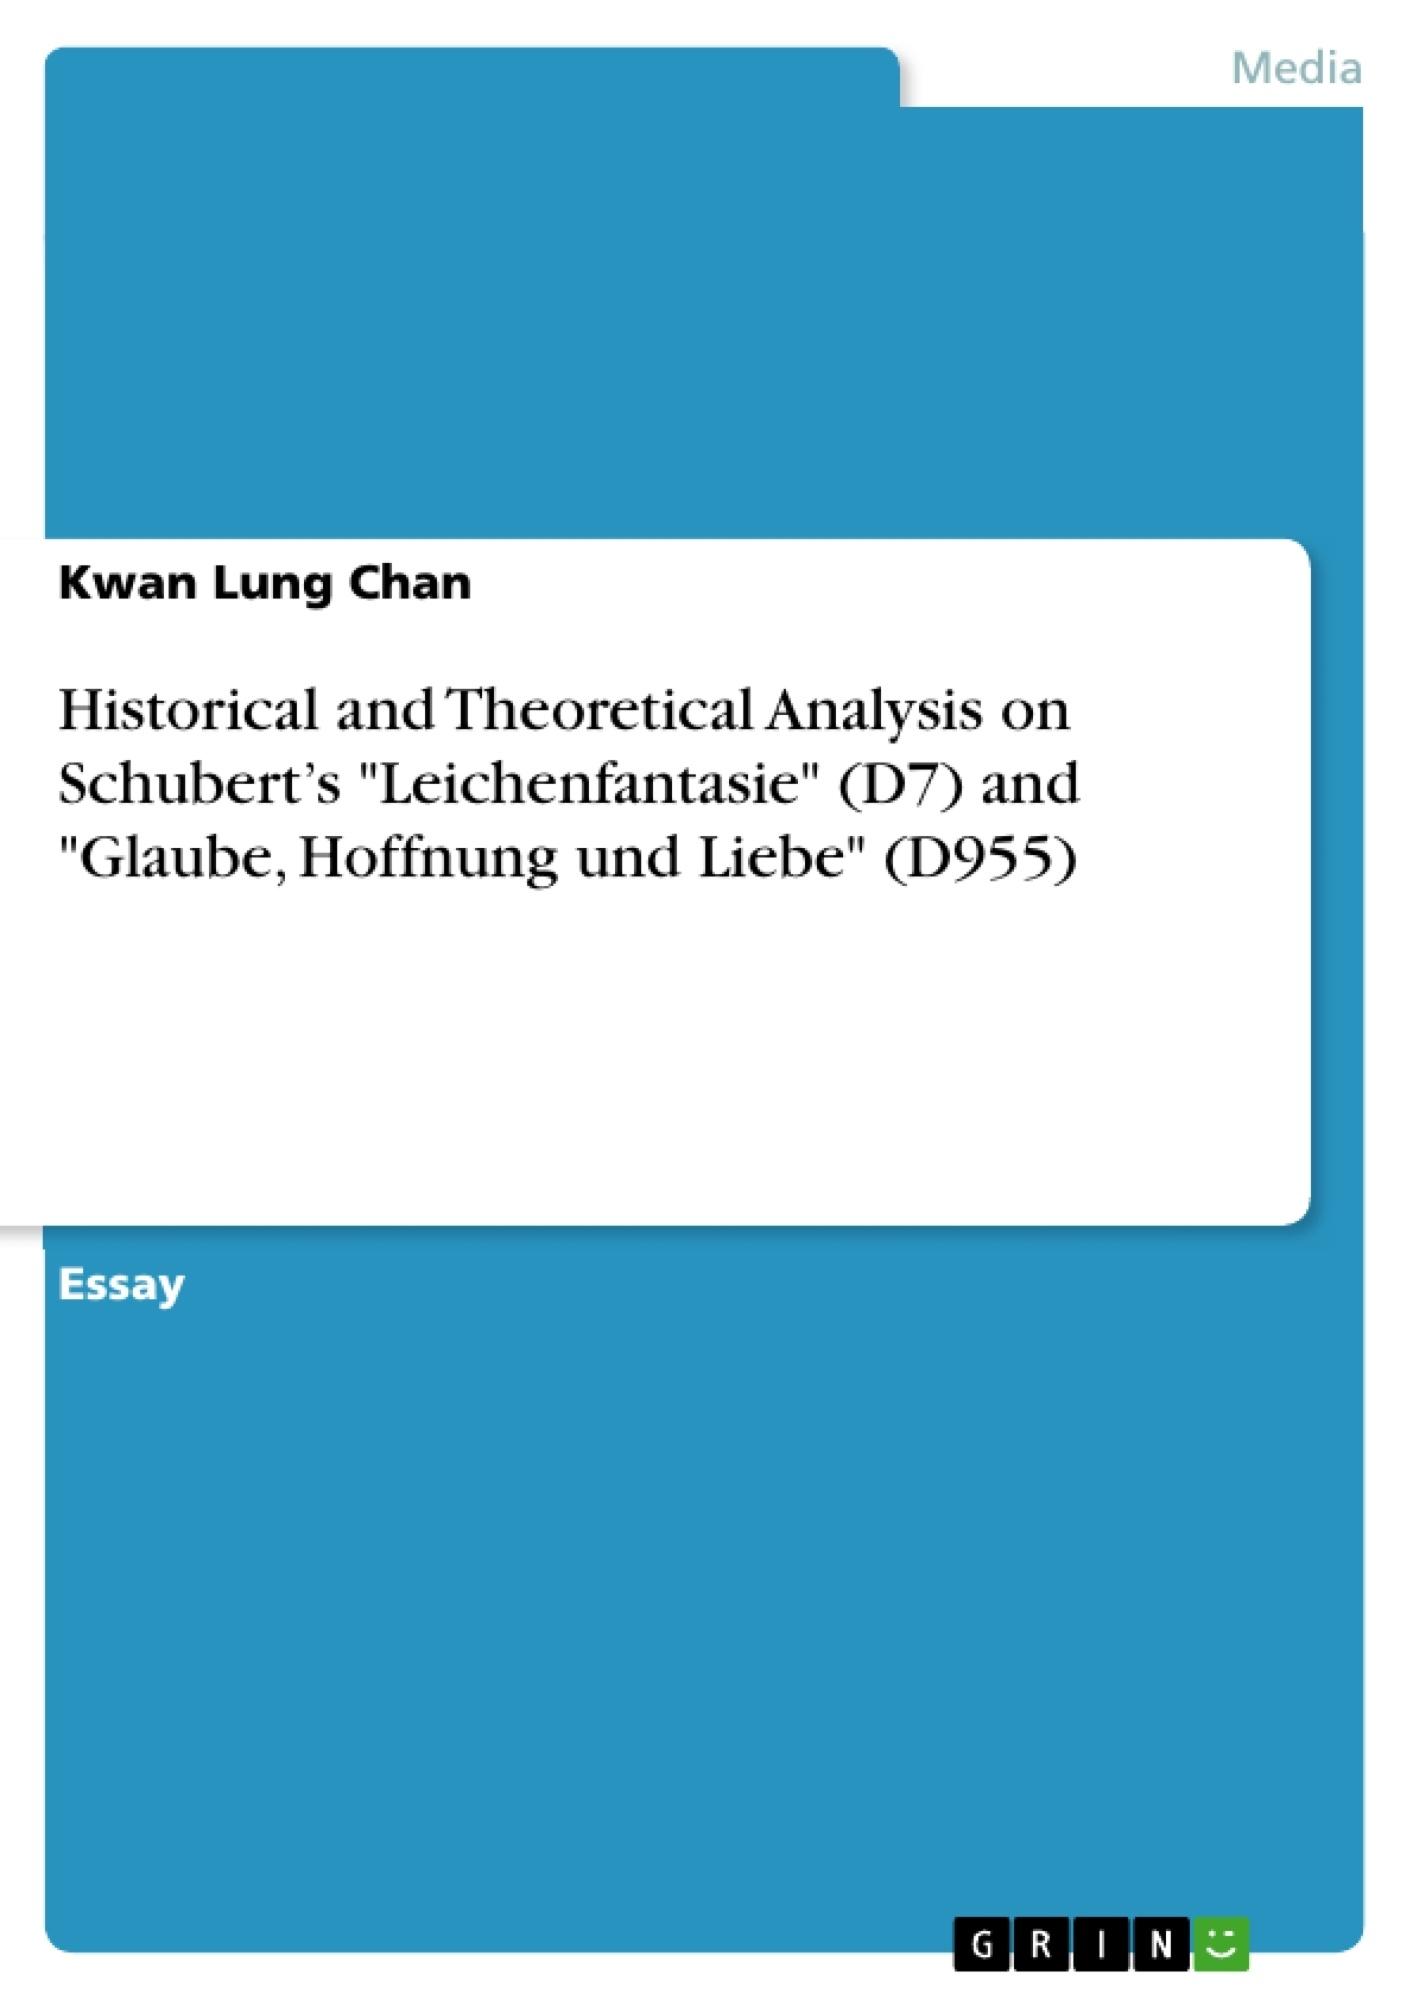 """Title: Historical and Theoretical Analysis on Schubert's """"Leichenfantasie"""" (D7) and """"Glaube, Hoffnung und Liebe"""" (D955)"""